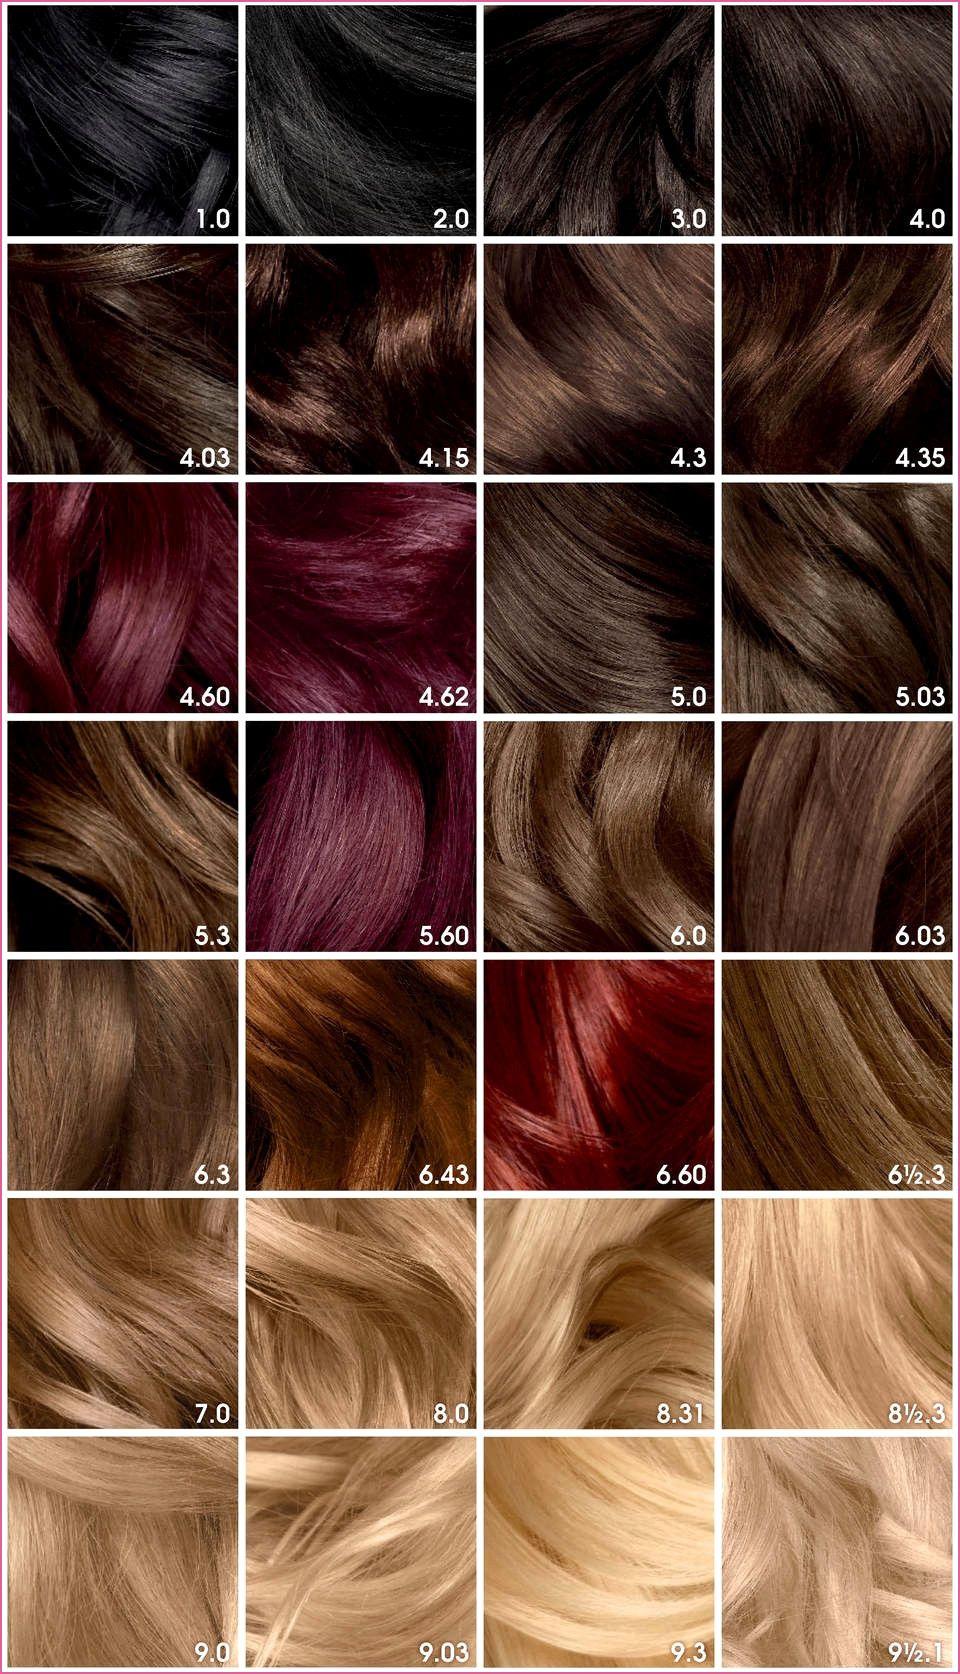 Matrix Socolor Chart 123457 Matrix Hair Socolor Color Chart Of Matrix Socolor Chart 123457 Mat Hair Color Swatches Matrix Hair Color Chart Matrix Socolor Chart